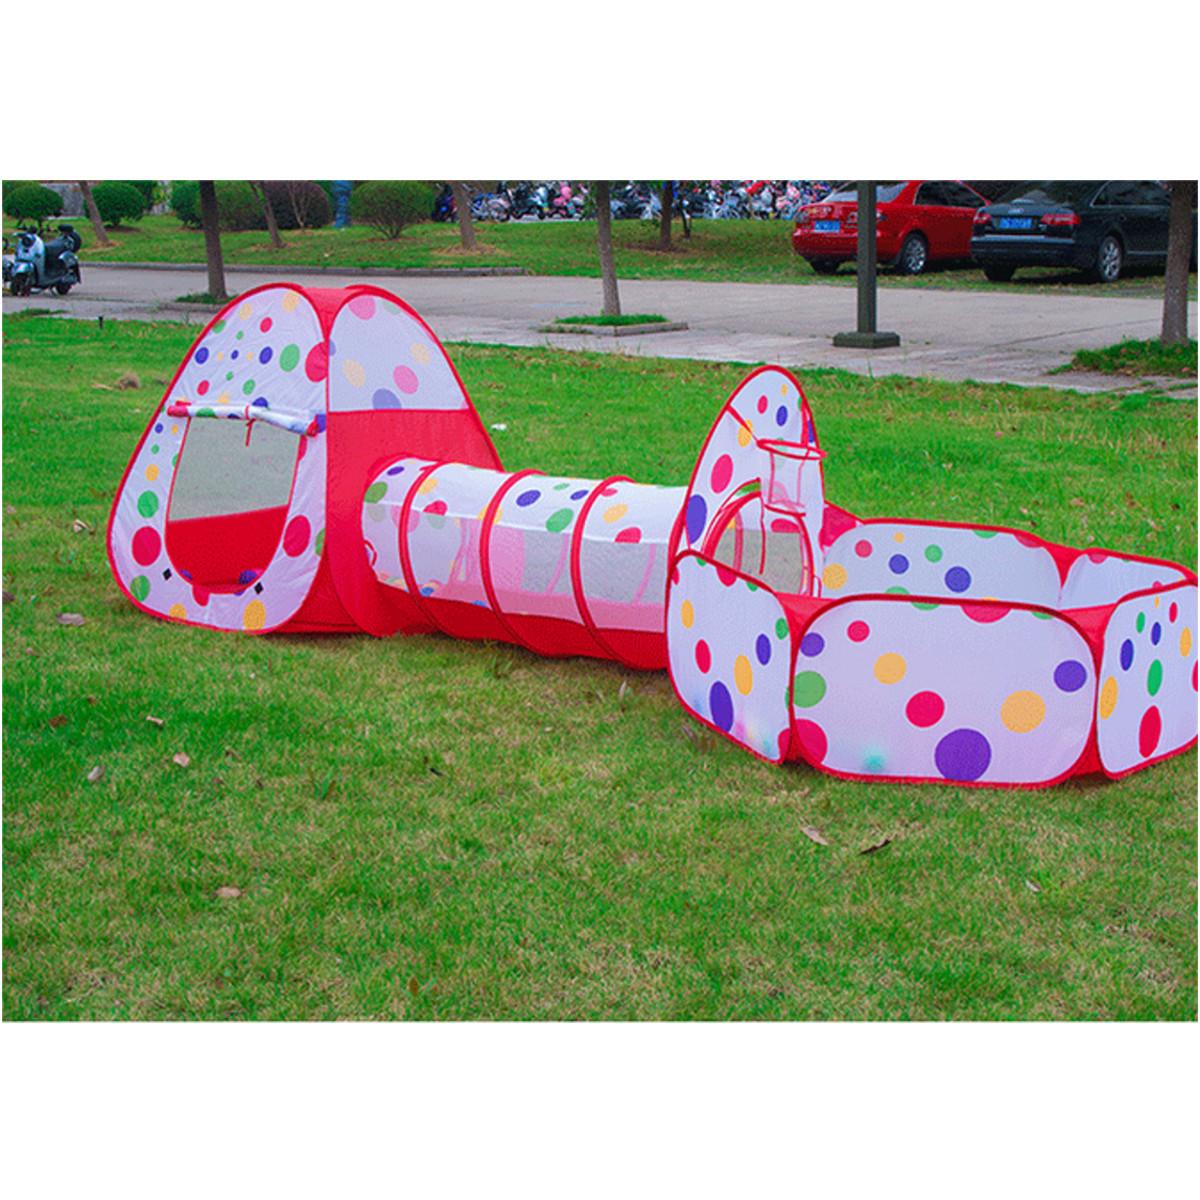 diversin unidsset tnel pop up play tent plegable nio de los cabritos juguetes para nios casa de juegos los nios juegan j